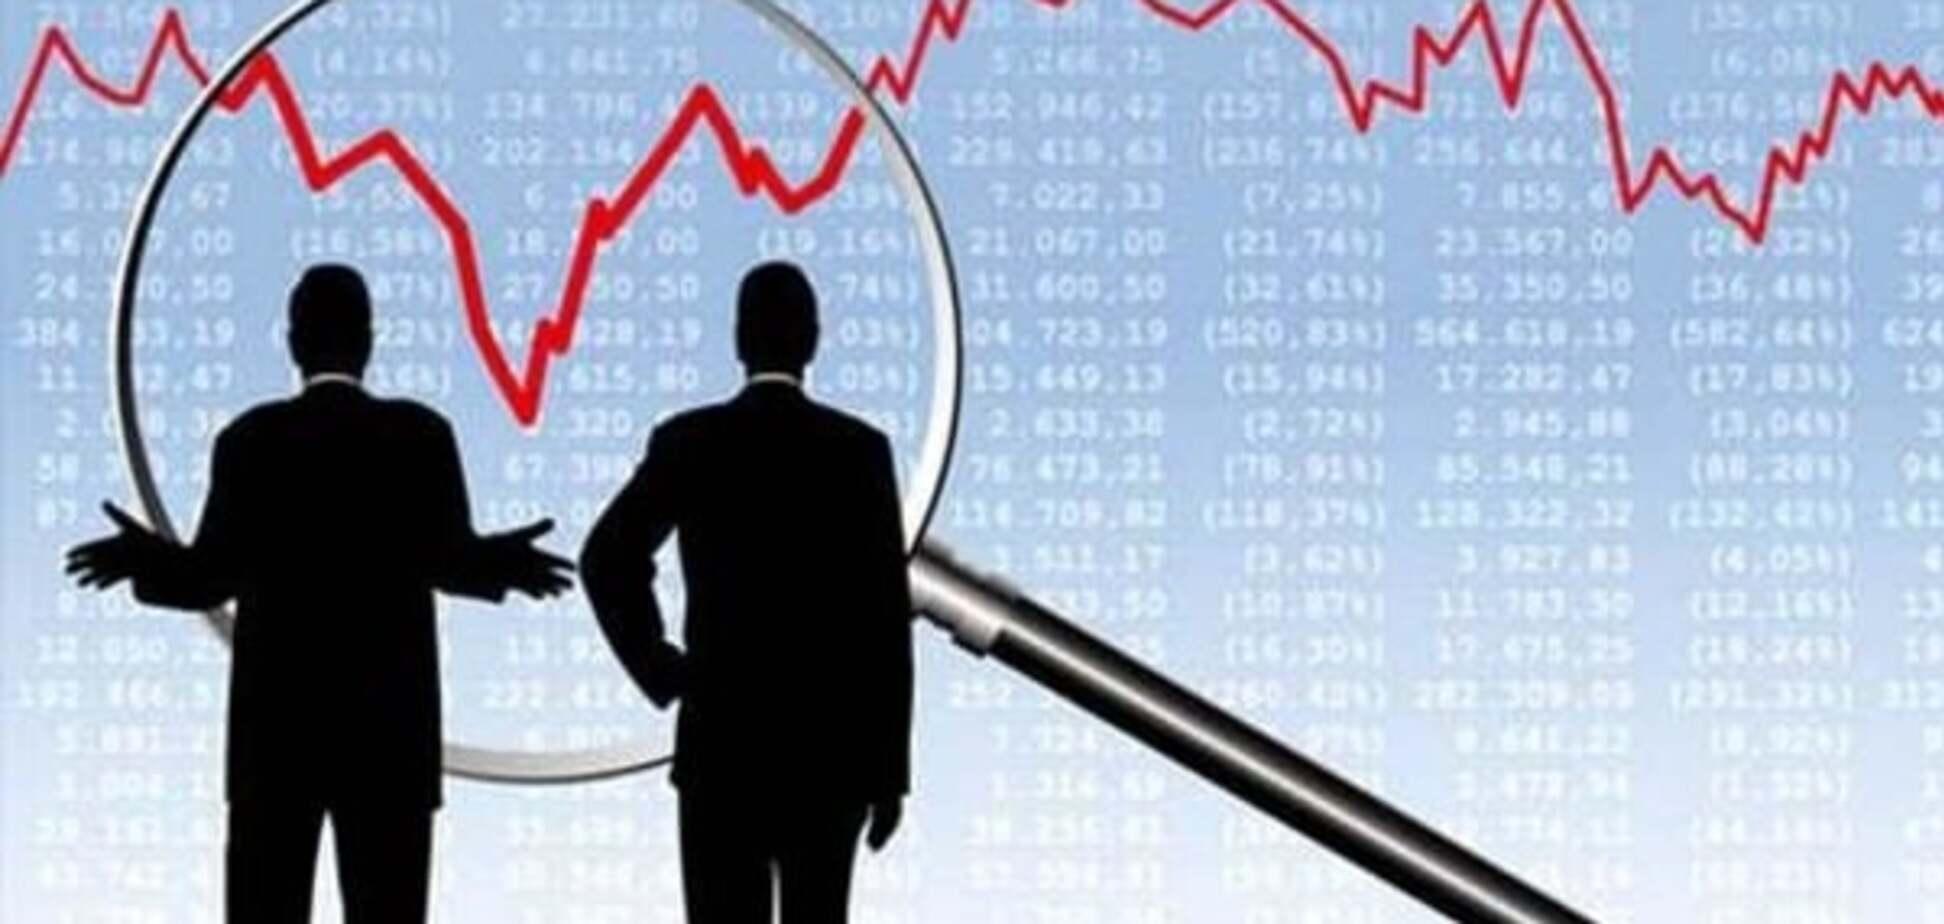 Дна не будет: Жалило рассказал, что толкнет экономику Украины к росту